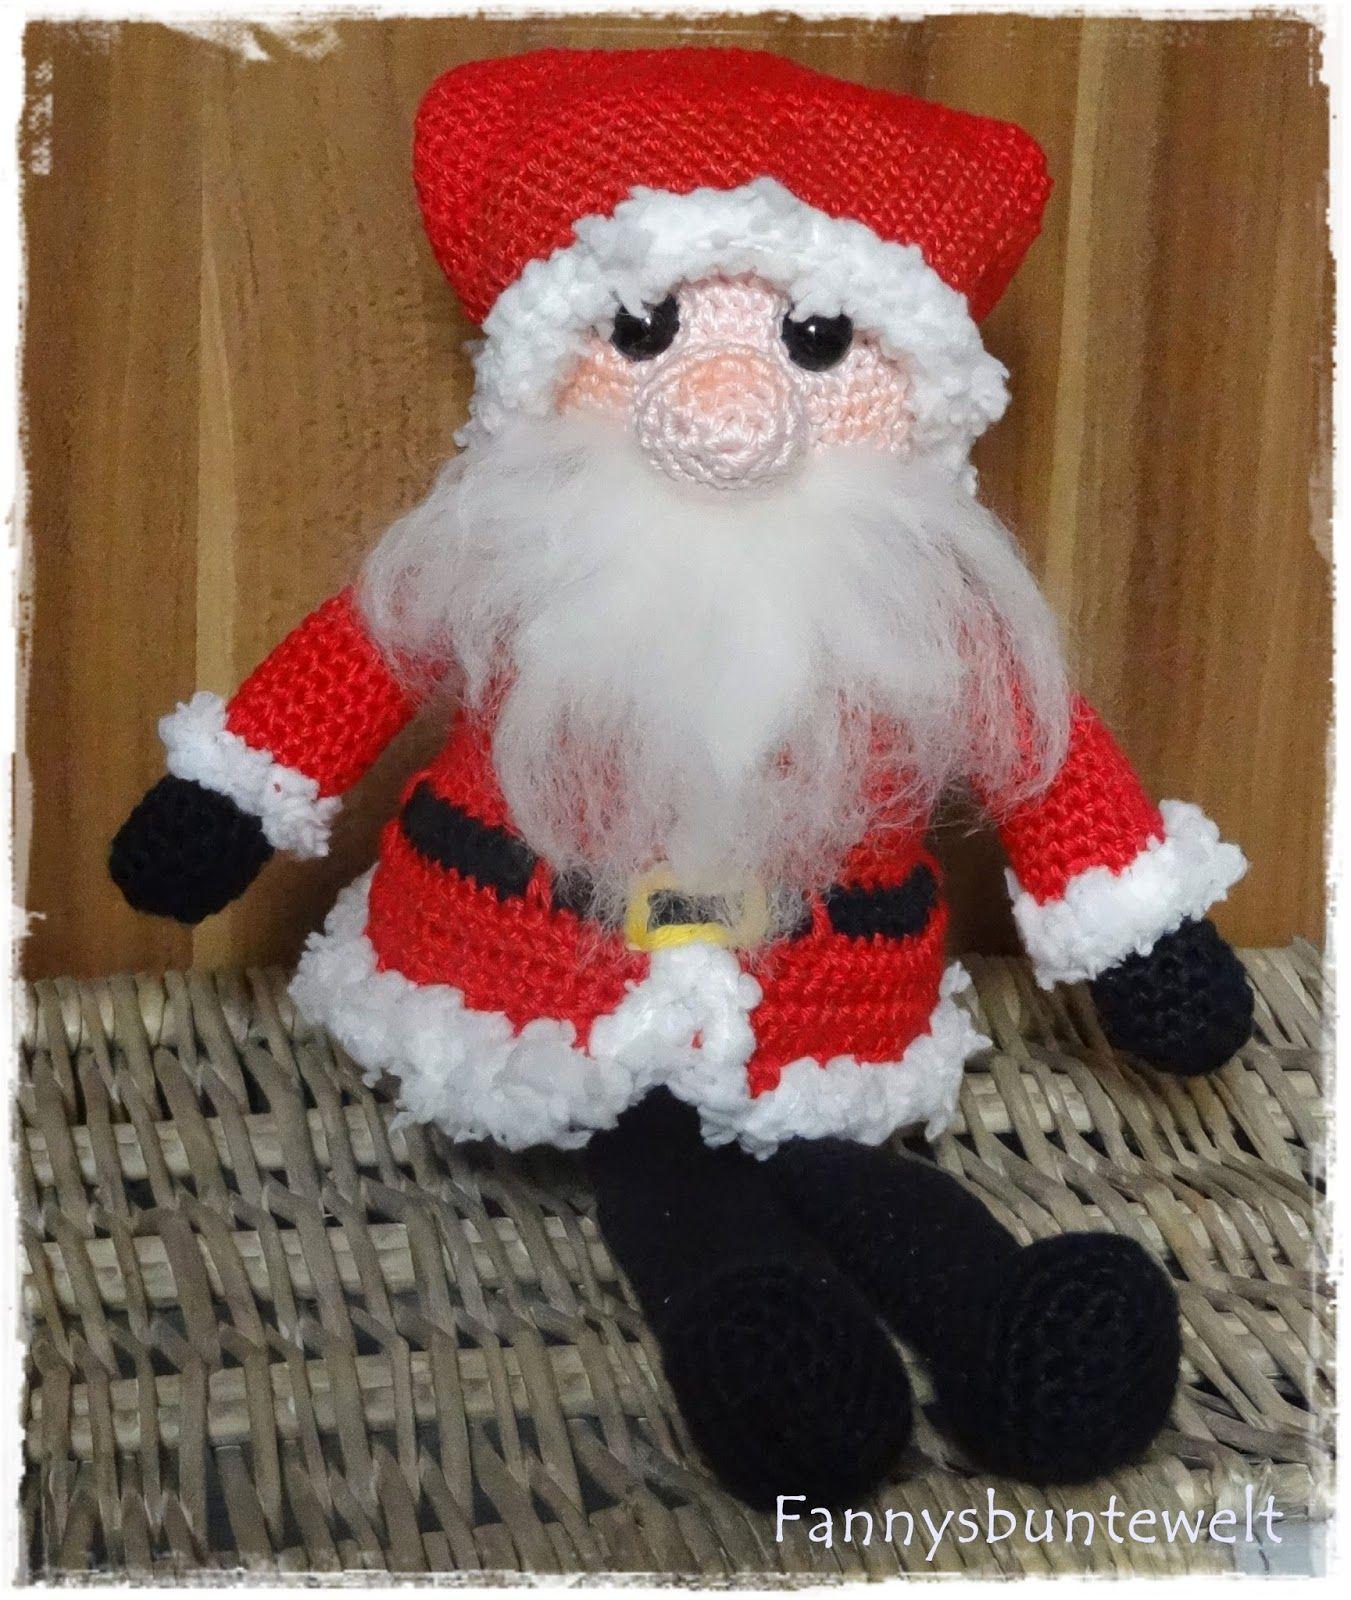 Fannysbuntewelt Maxi ü Ei Weihnachtsmann Handarbeiten Häkeln